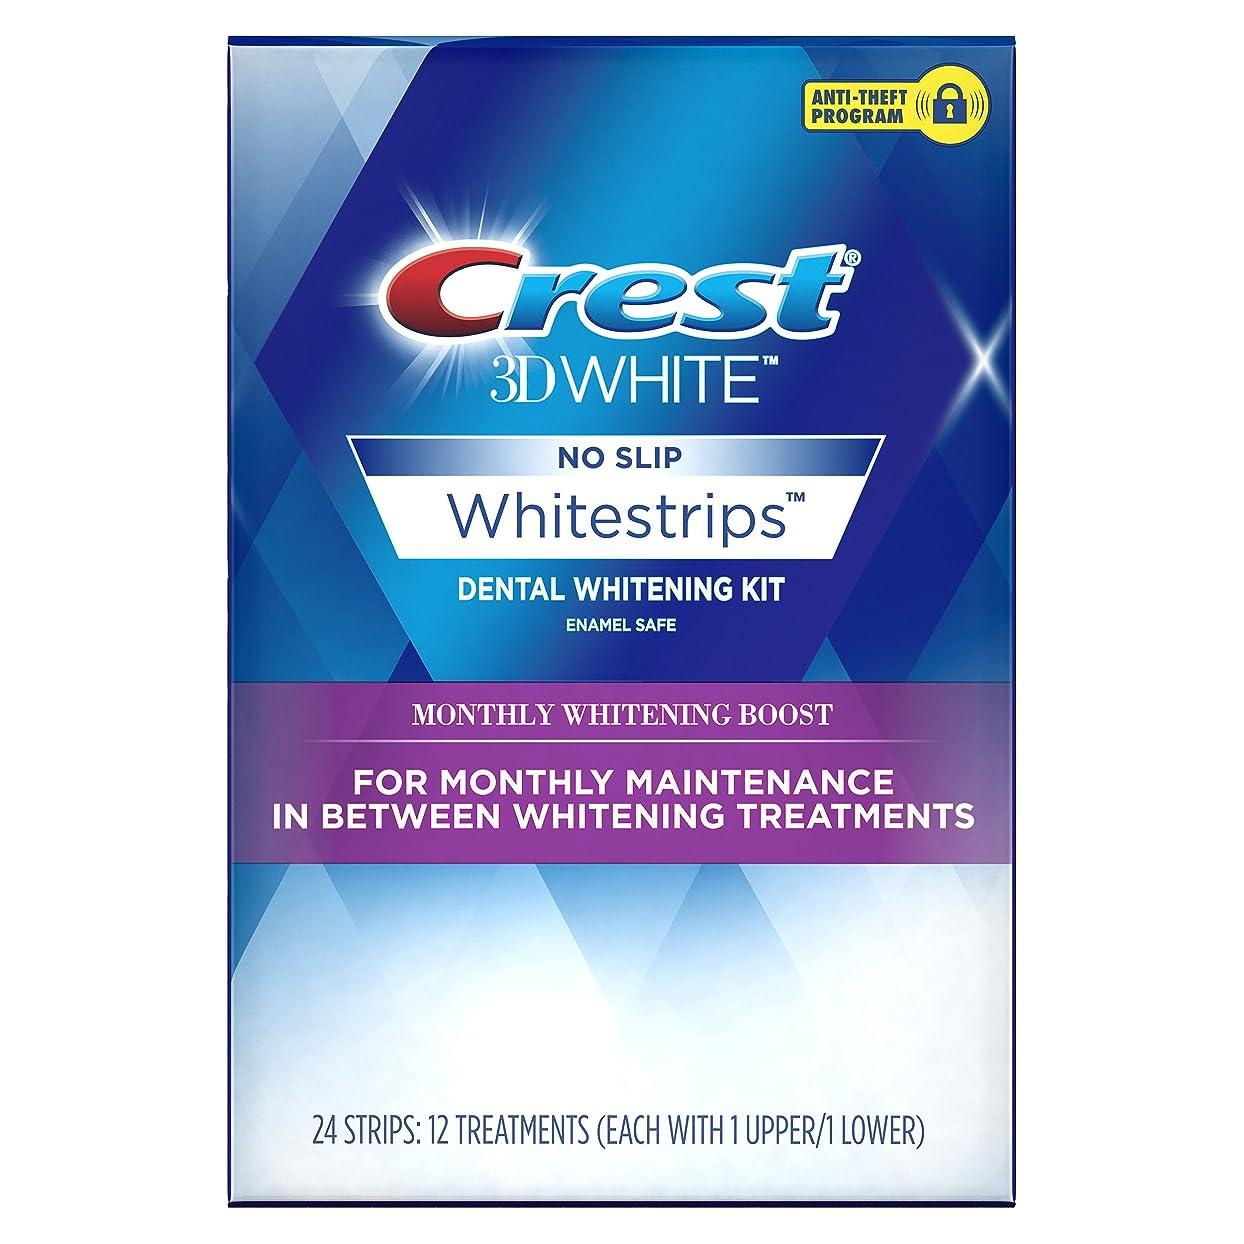 テレマコス乗算グリルCrest 3D White Professional Effects Whitestrips クレスト ホワイトニングテープ 6回分